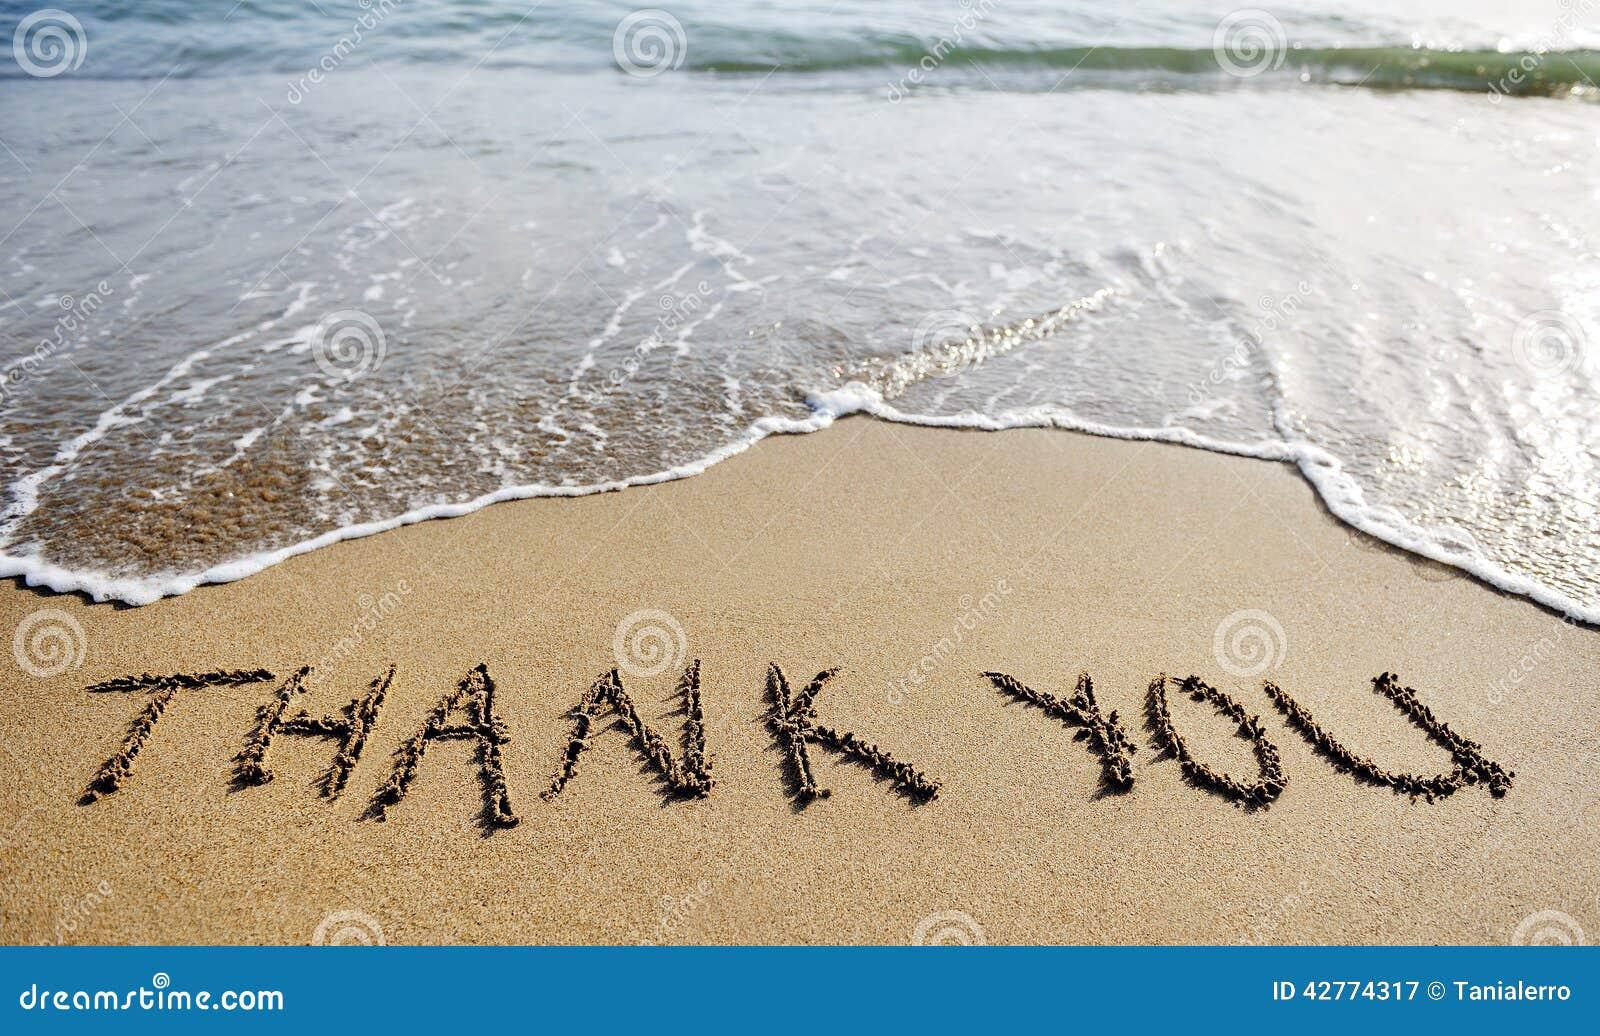 Danke abzufassen gezeichnet auf den Strandsand